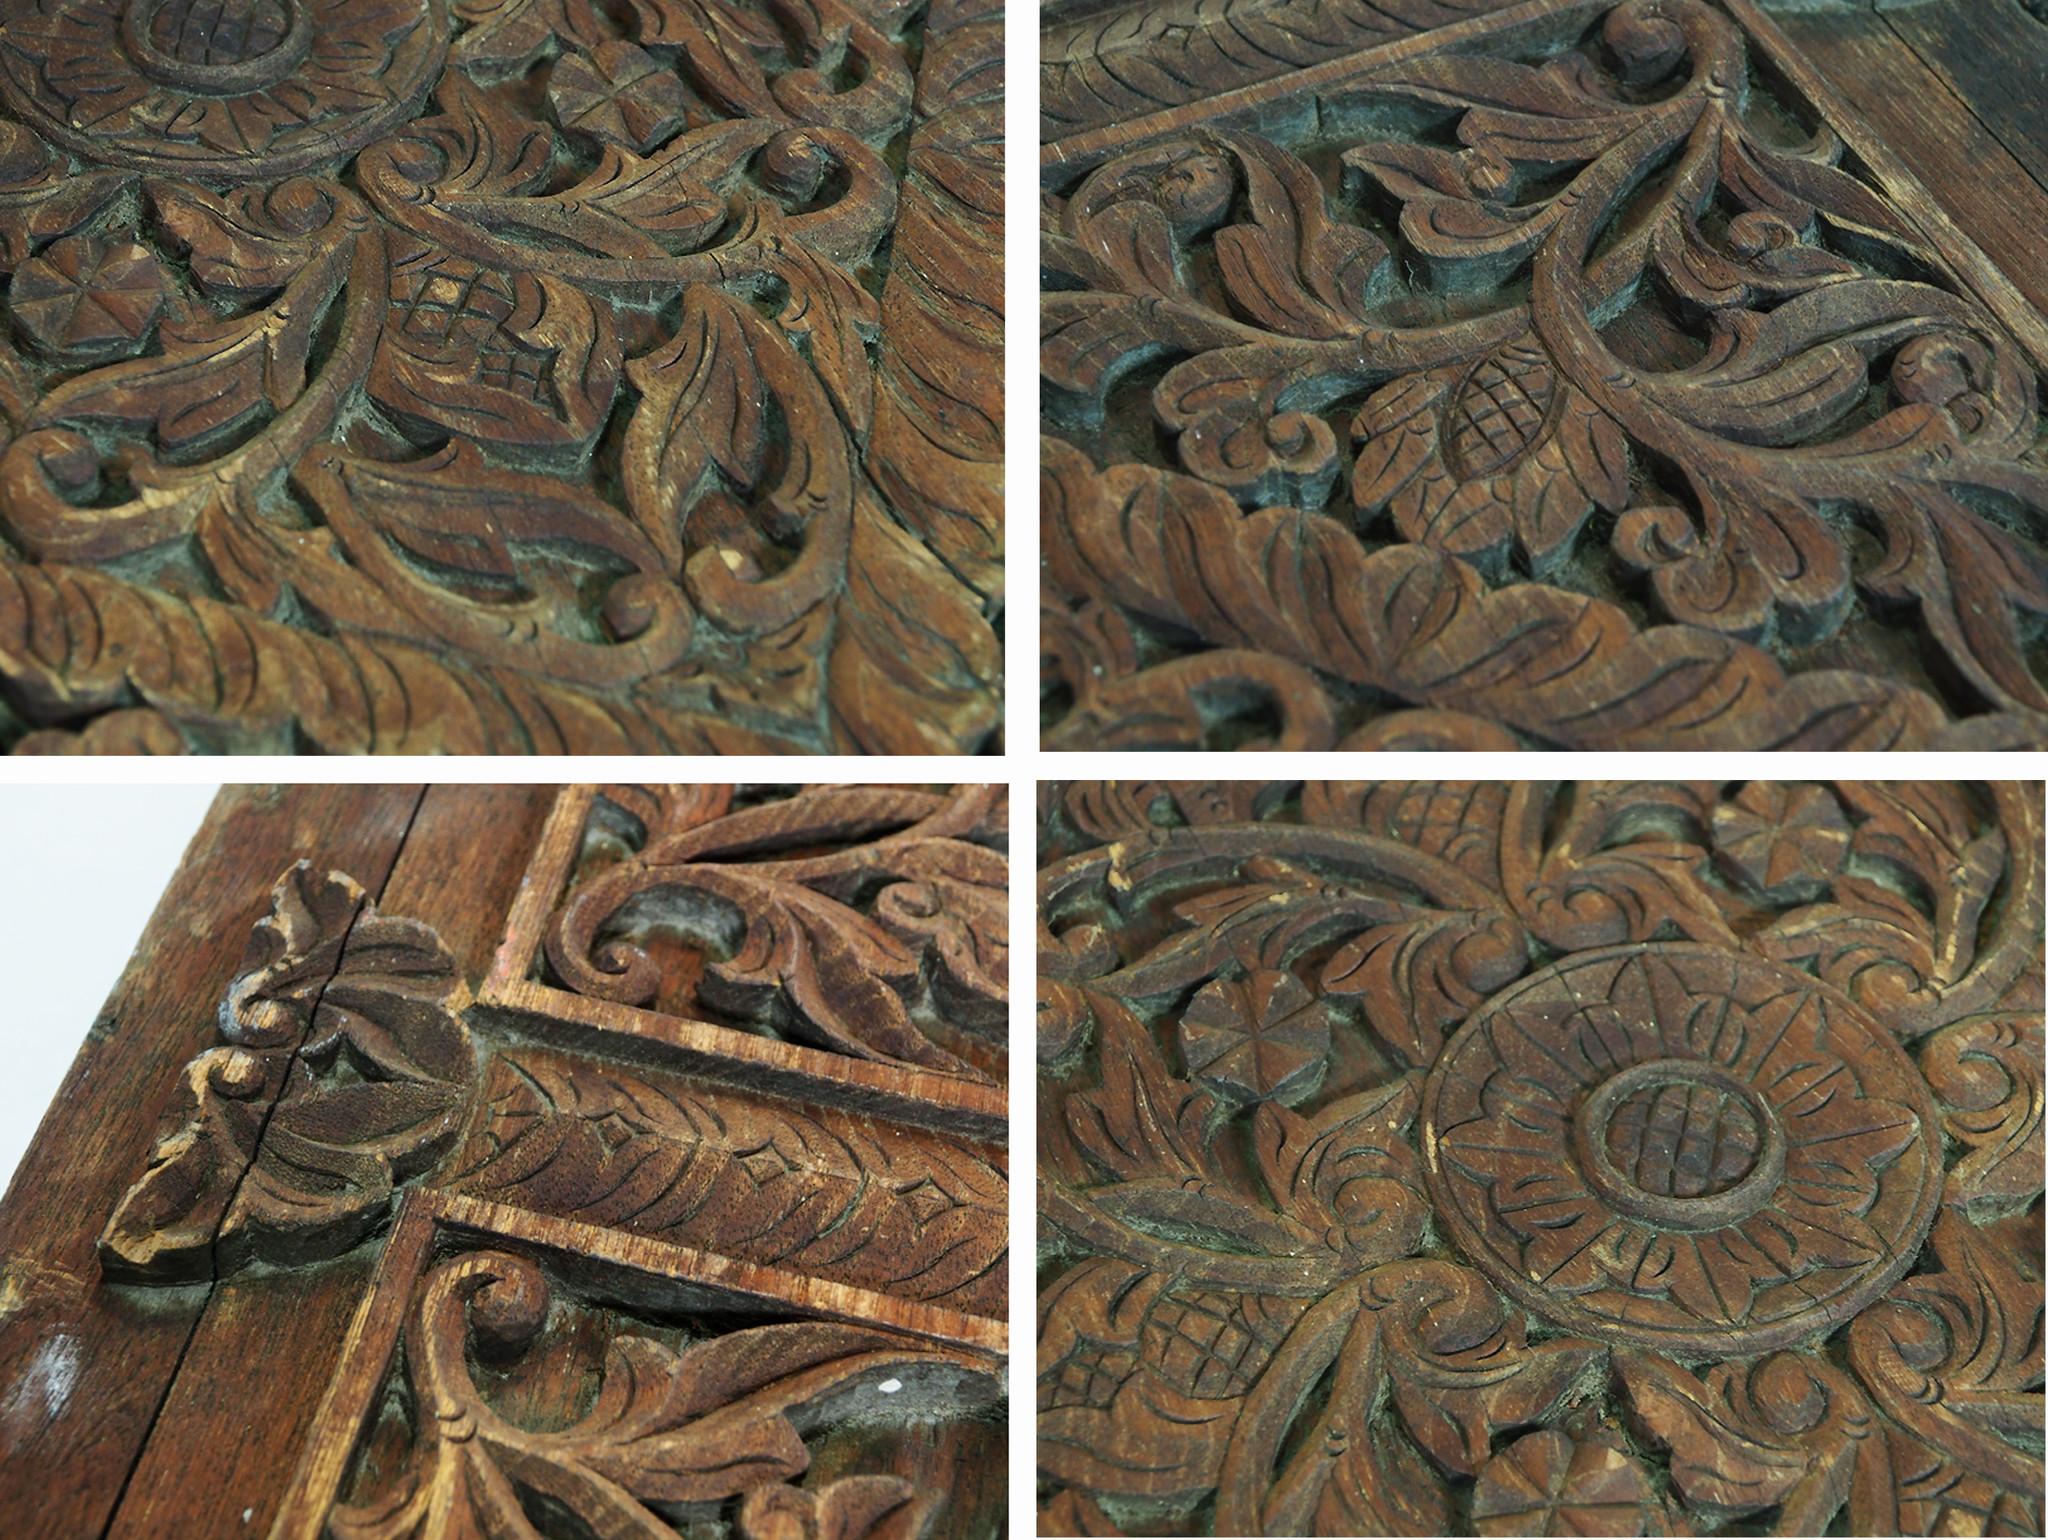 Antique orient vintage carved wooden Door from Nuristan Afghanistan